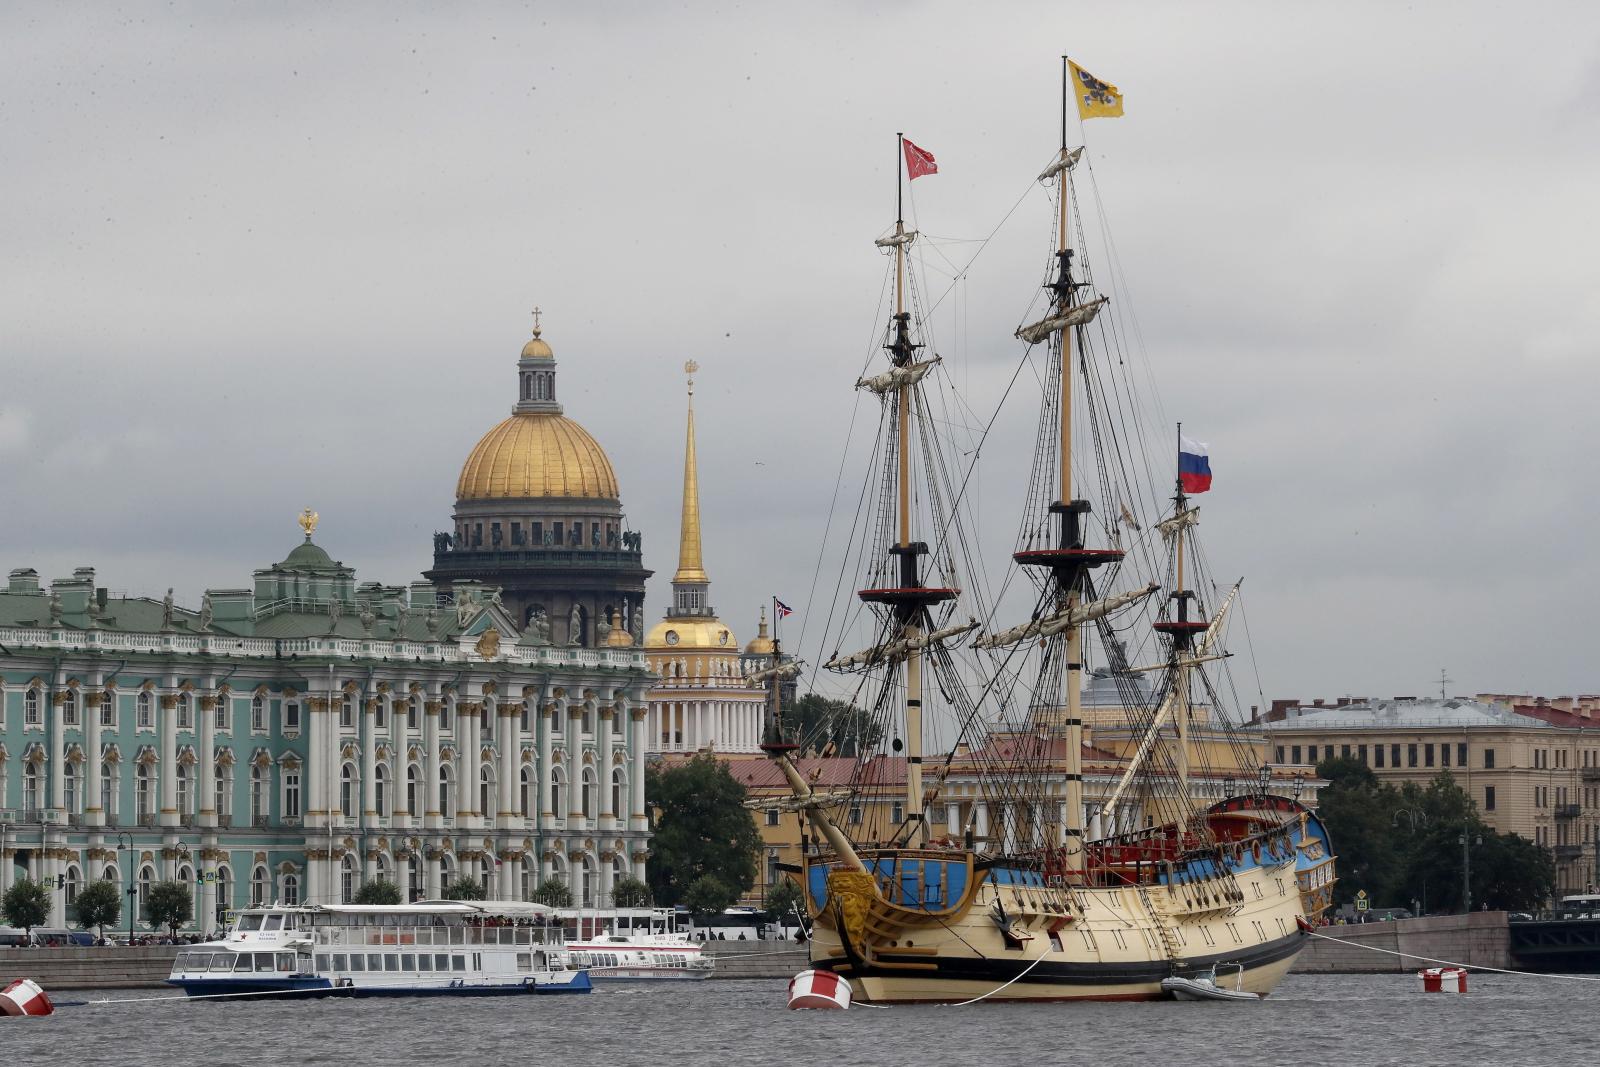 Statek Poltava w Rosji Fot. EPA/ANATOLY MALTSEV